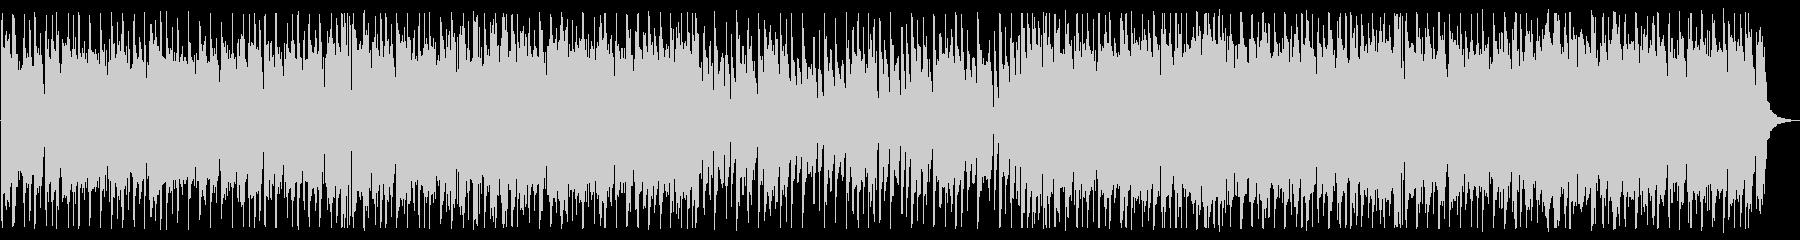 ギター/インディーロック_No454_2の未再生の波形